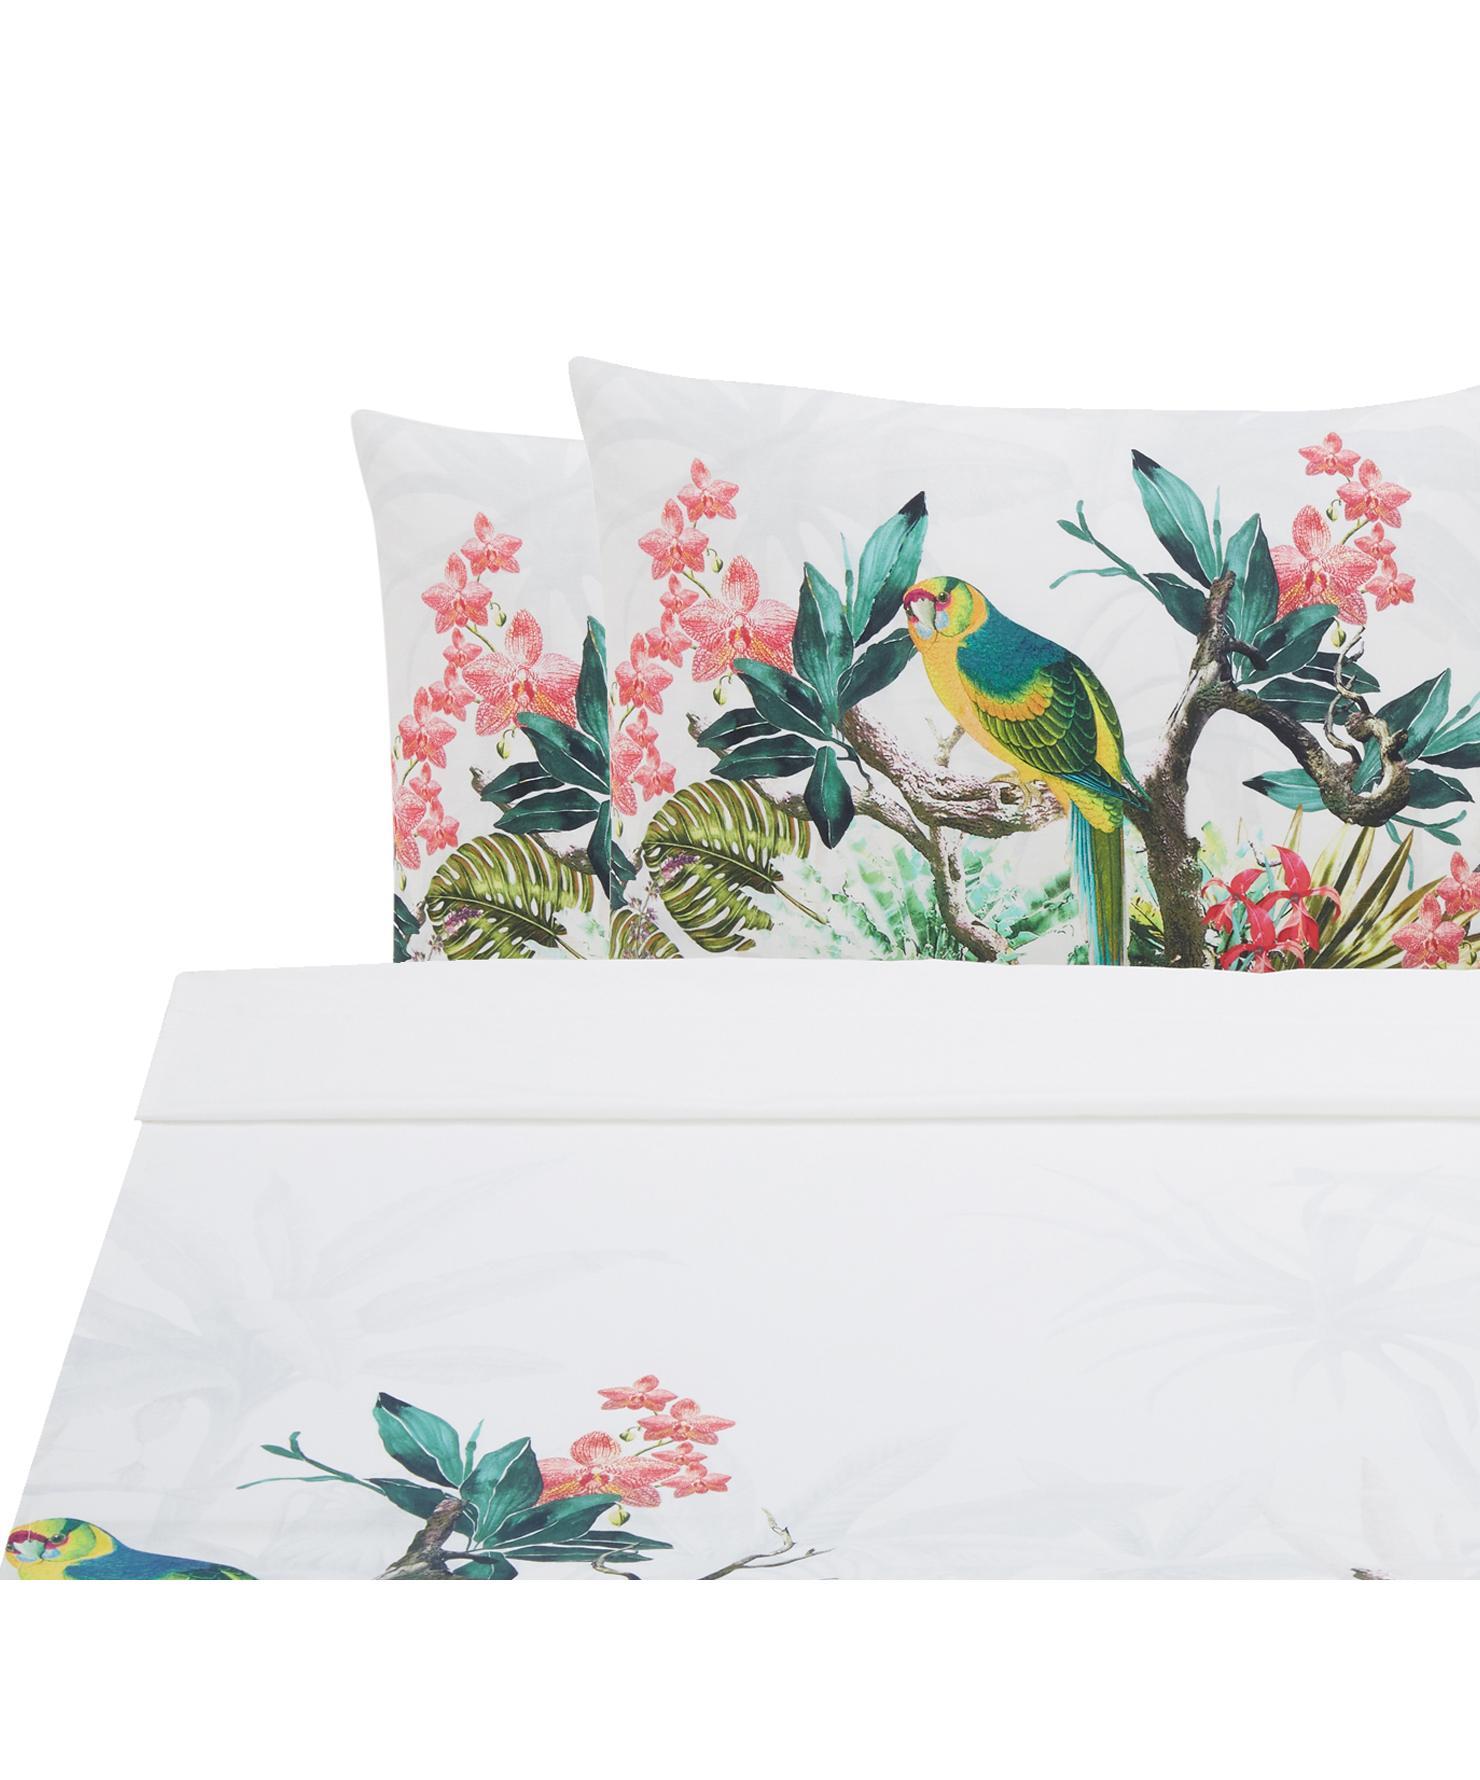 Set lenzuola in cotone ranforce Tropic 3 pz, Tessuto: Renforcé, Bianco, multicolore, 240 x 270 cm